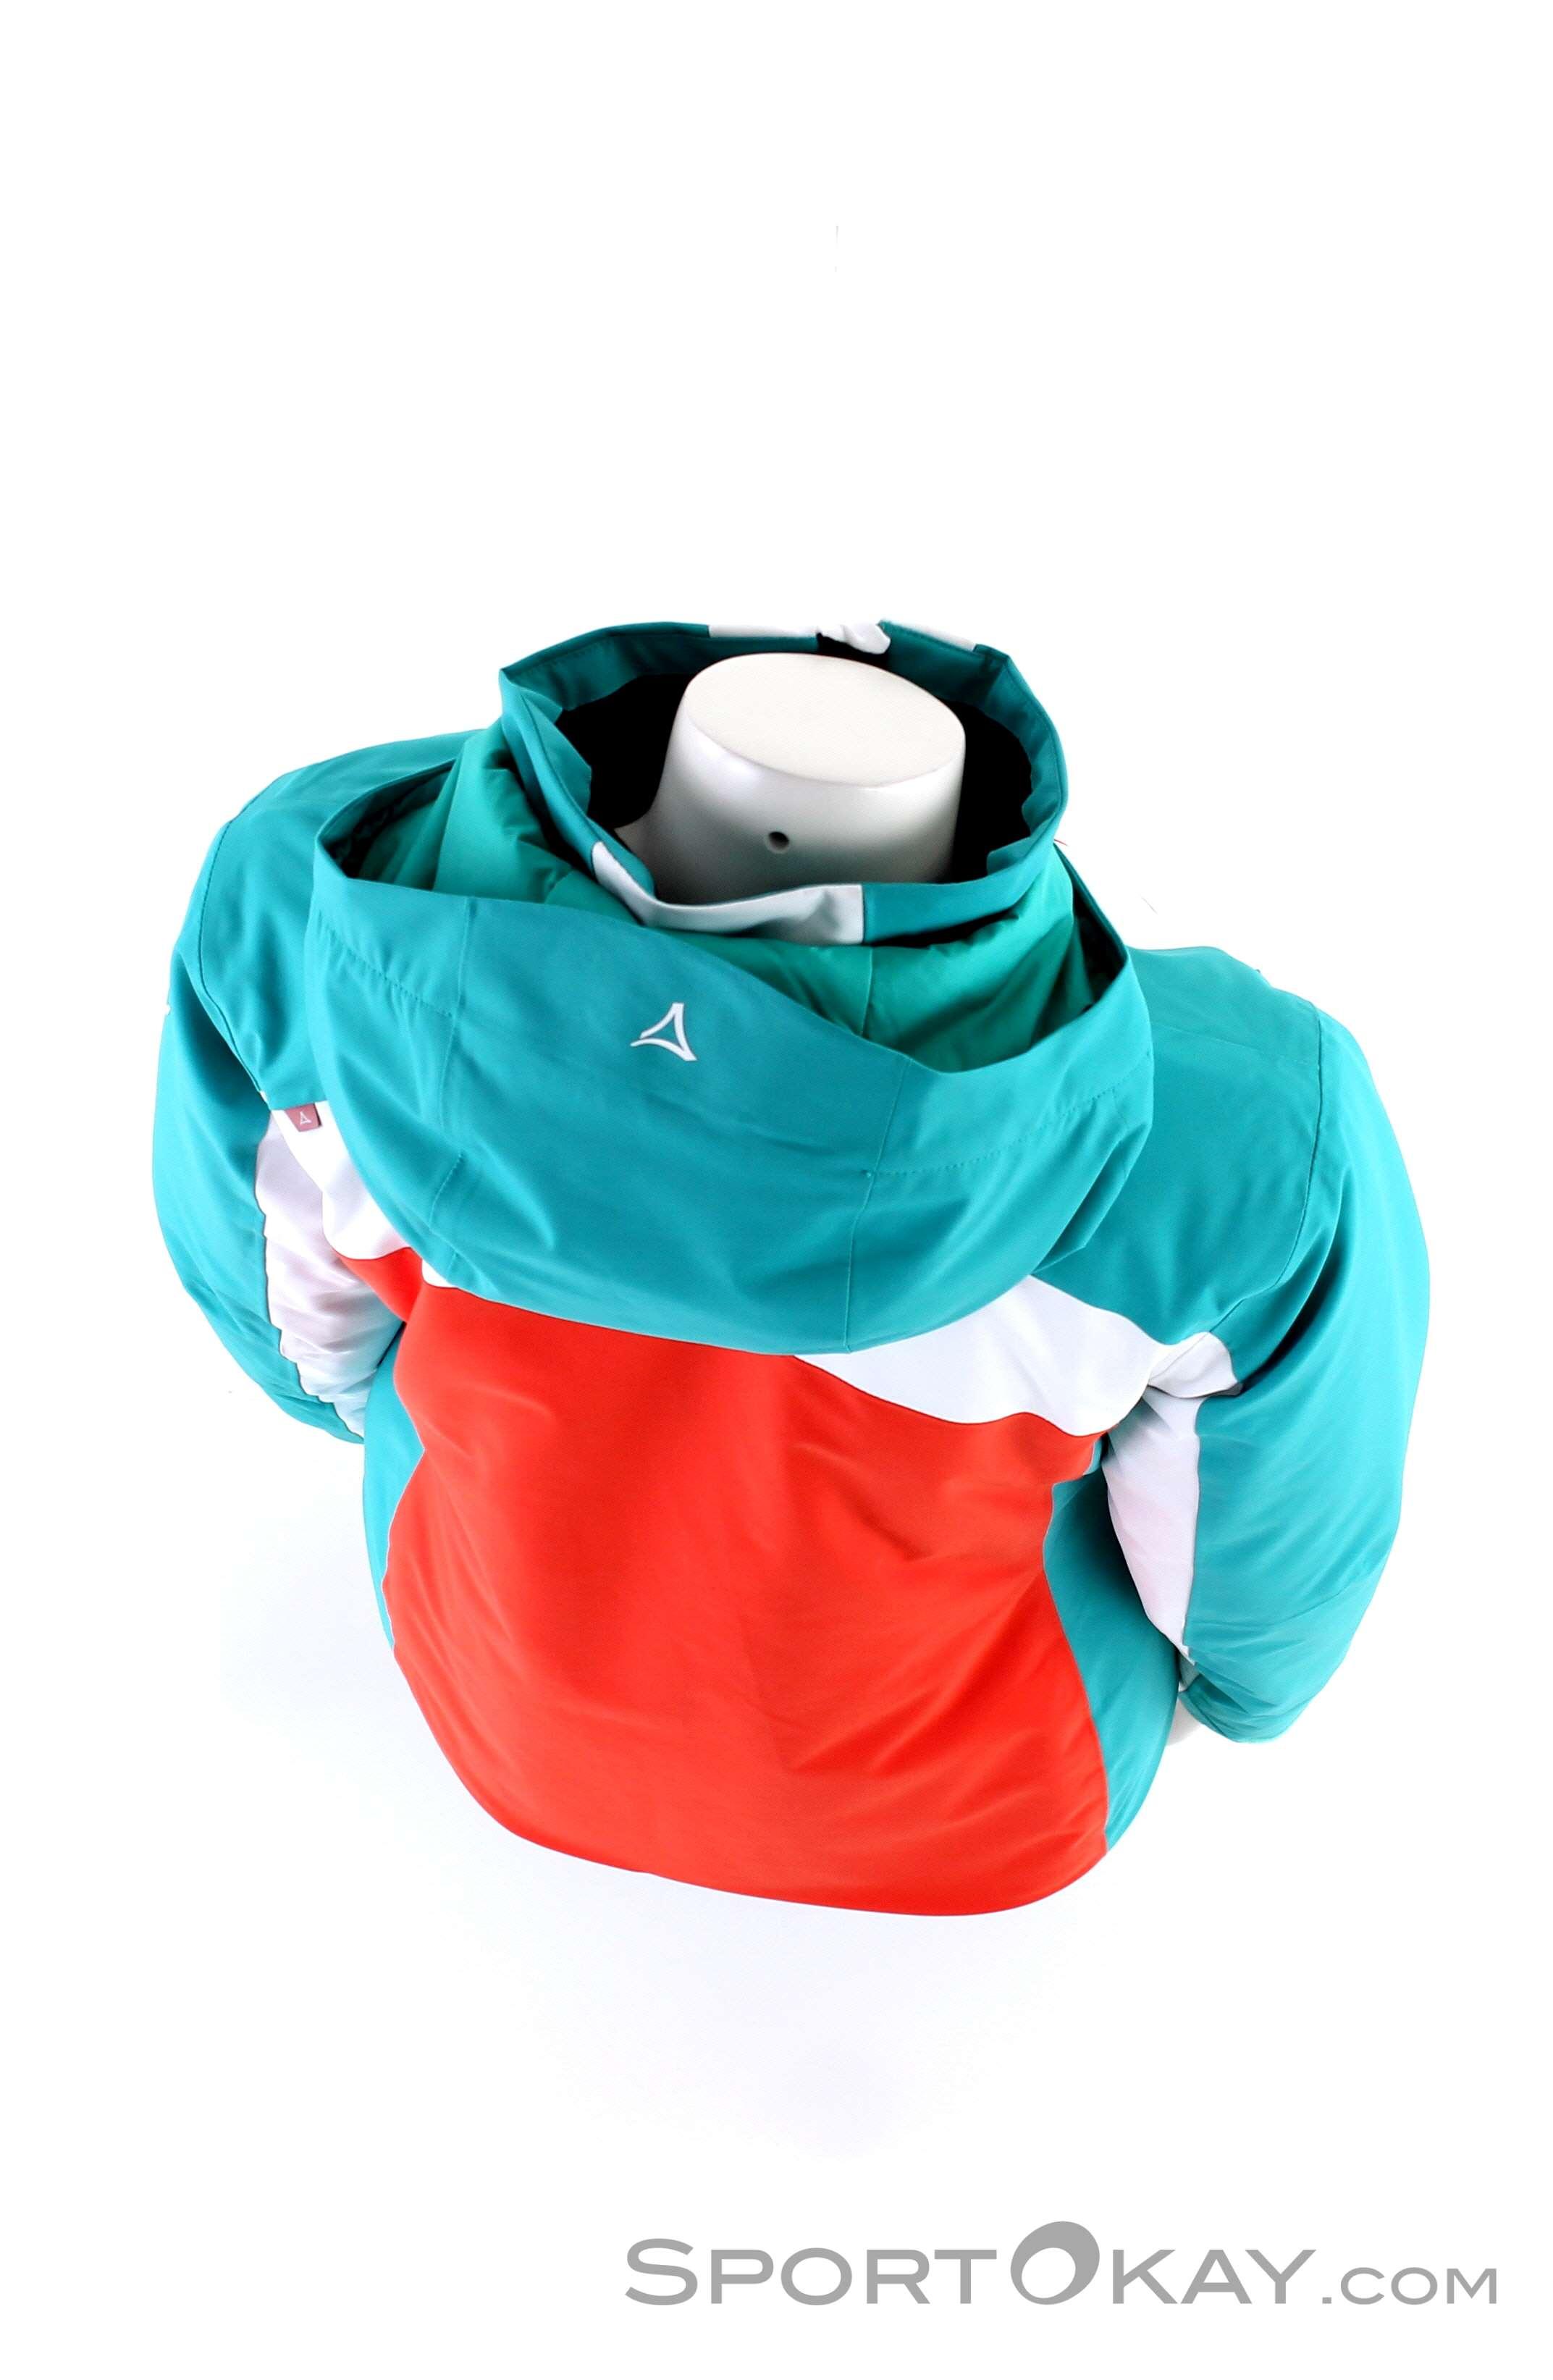 affordable price online here sells Schöffel Schöffel Jacket Schladming 2 Damen Skijacke